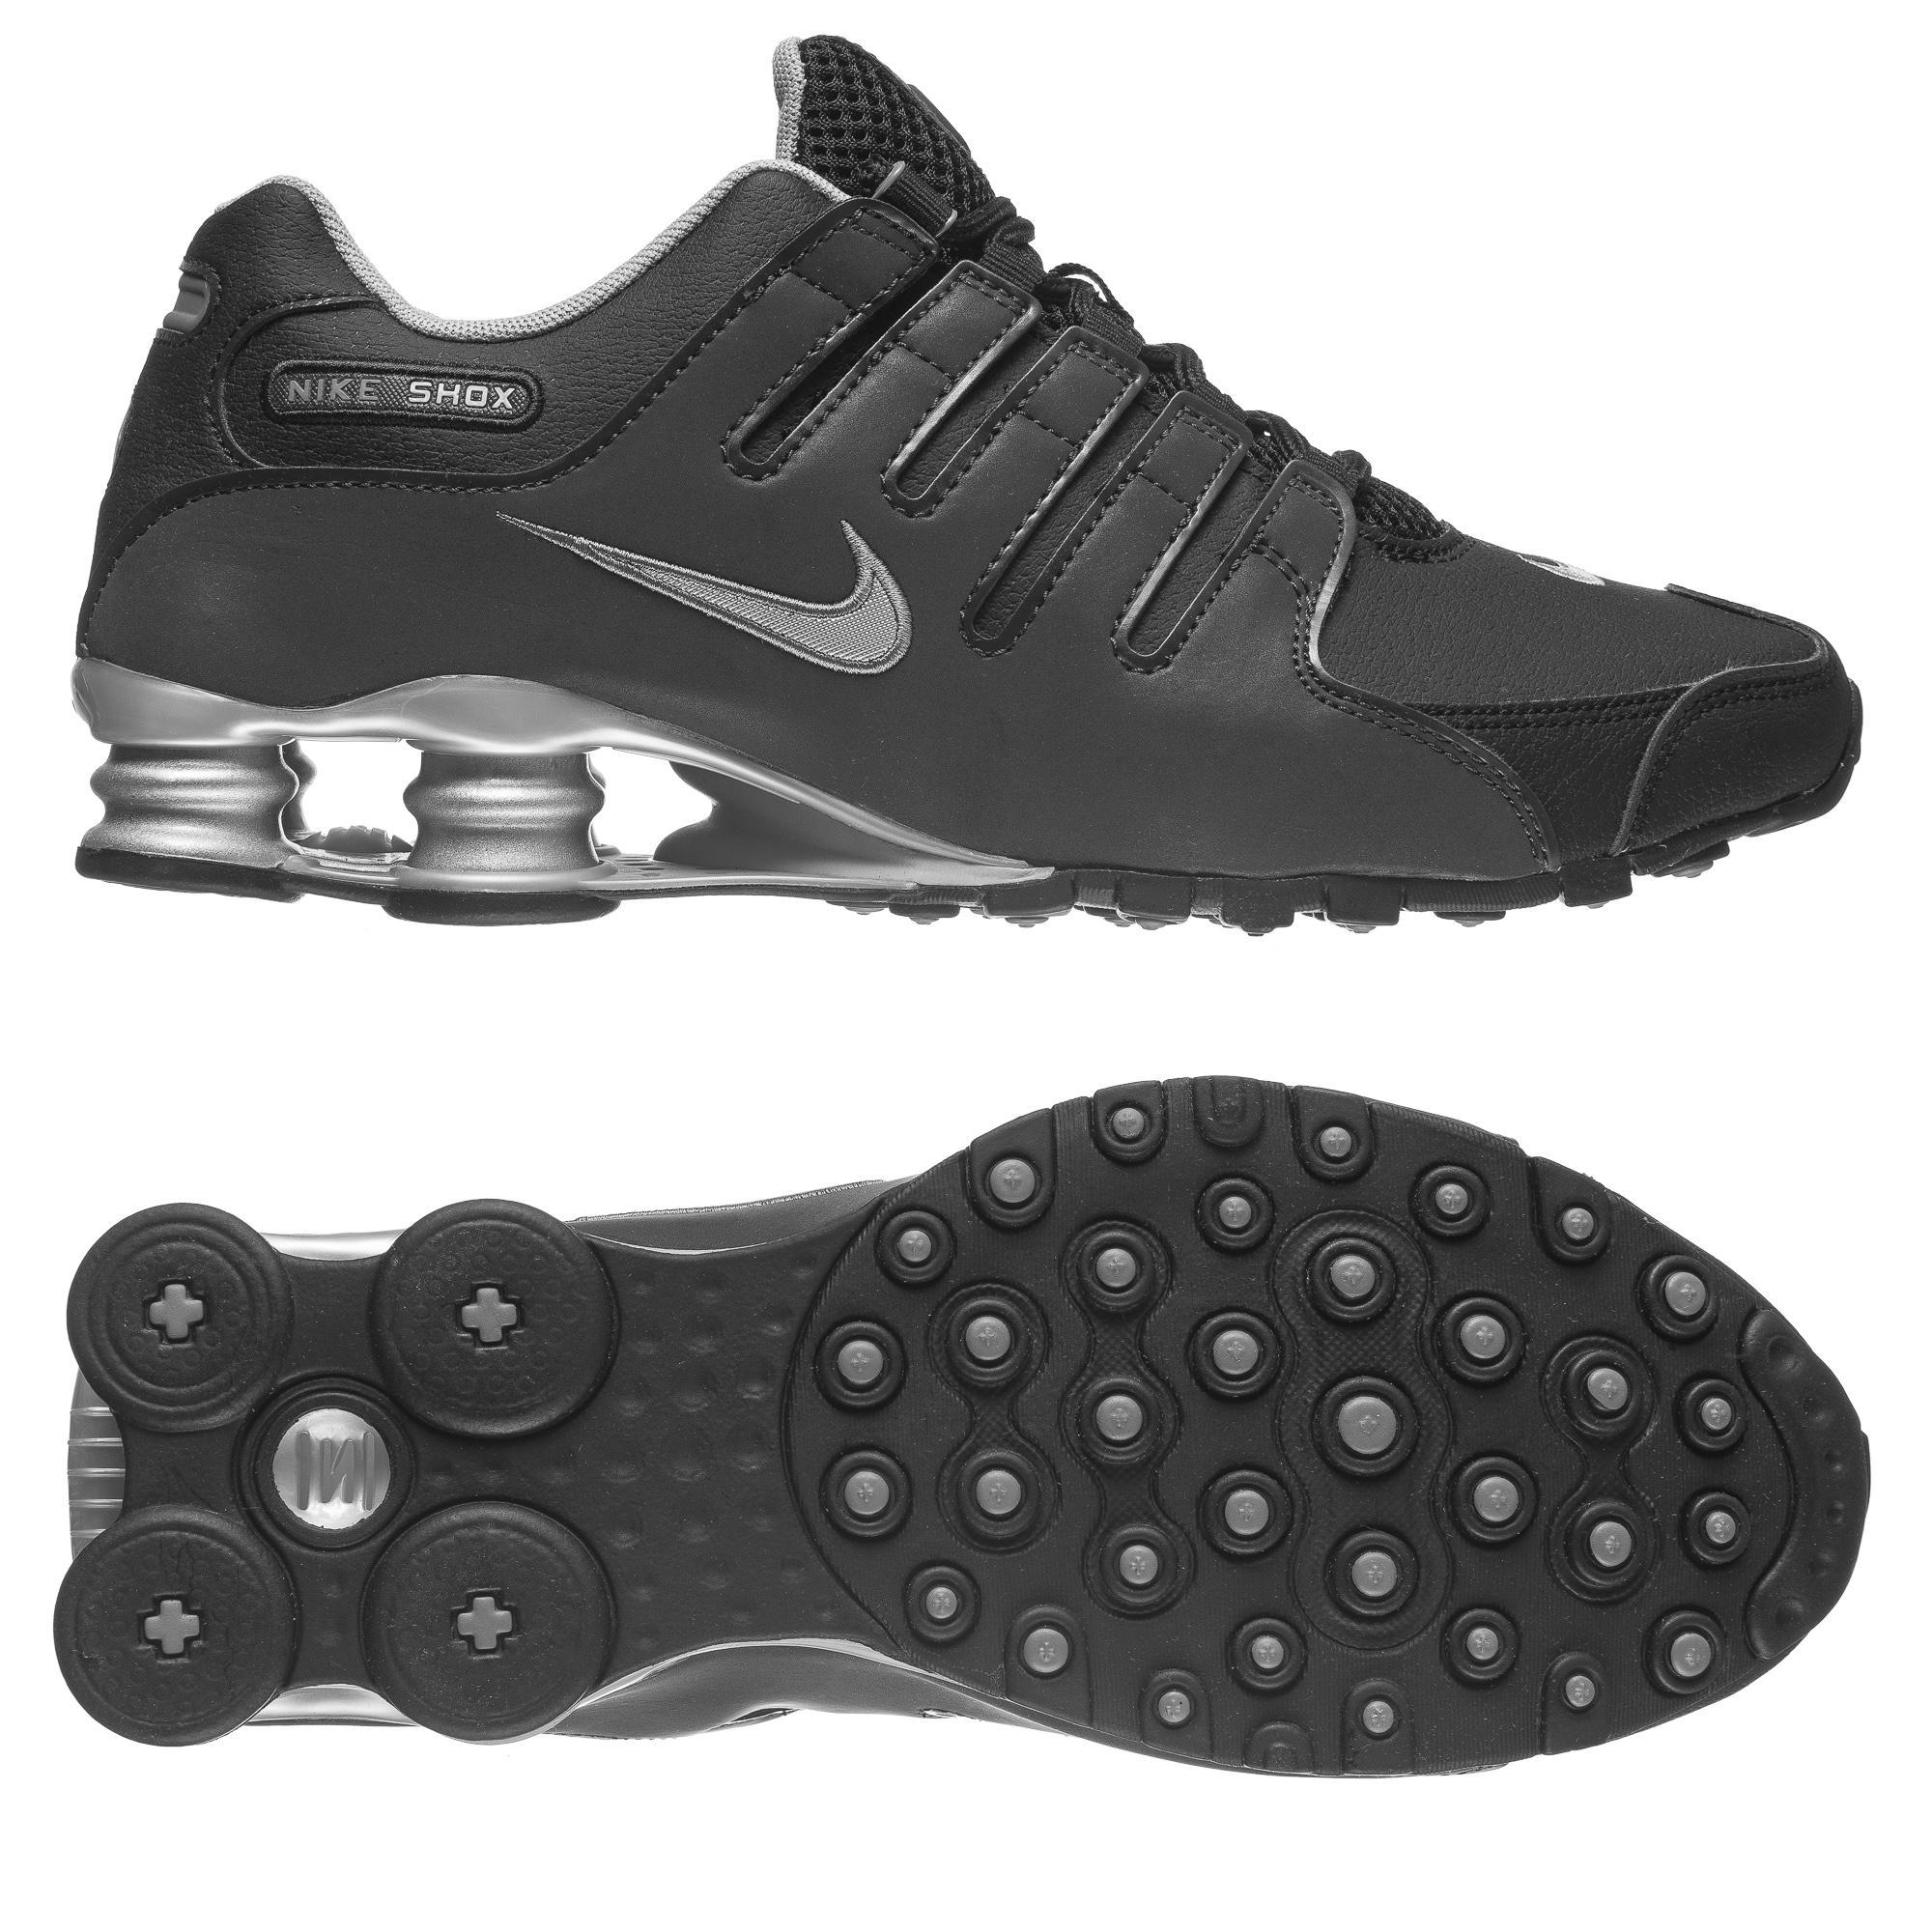 Shox Nz Nz Shox Nike Ratenzahlung Ratenzahlung Nike Shox